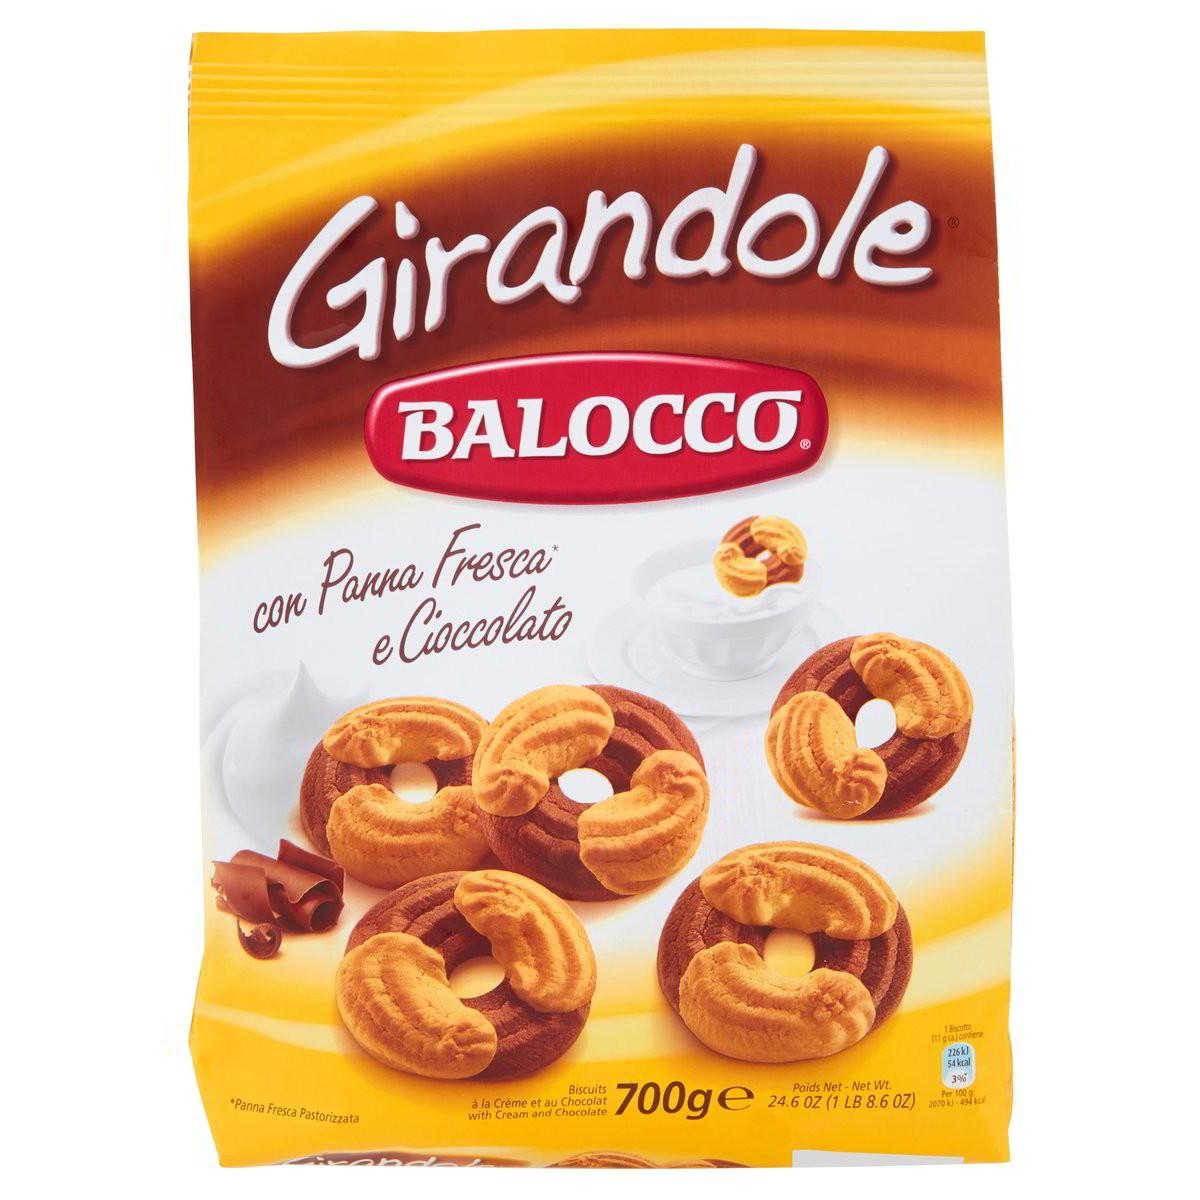 Biscotti Girandole